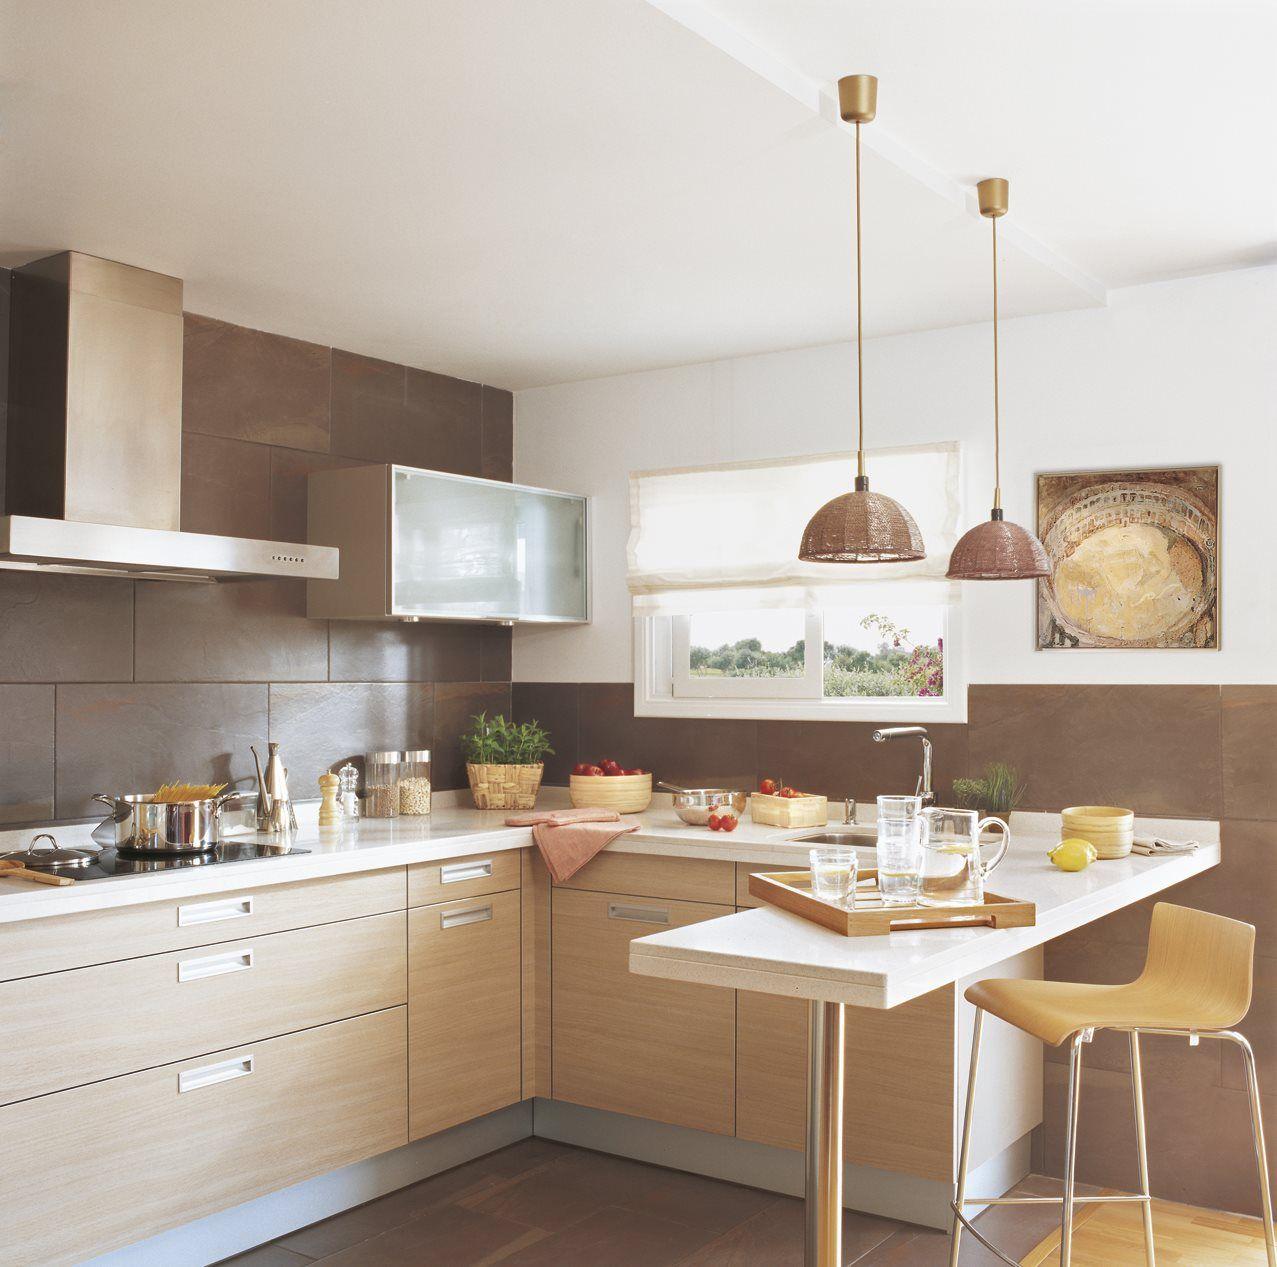 Con barra de desayuno decoracion pinterest - Cocinas en u pequenas ...